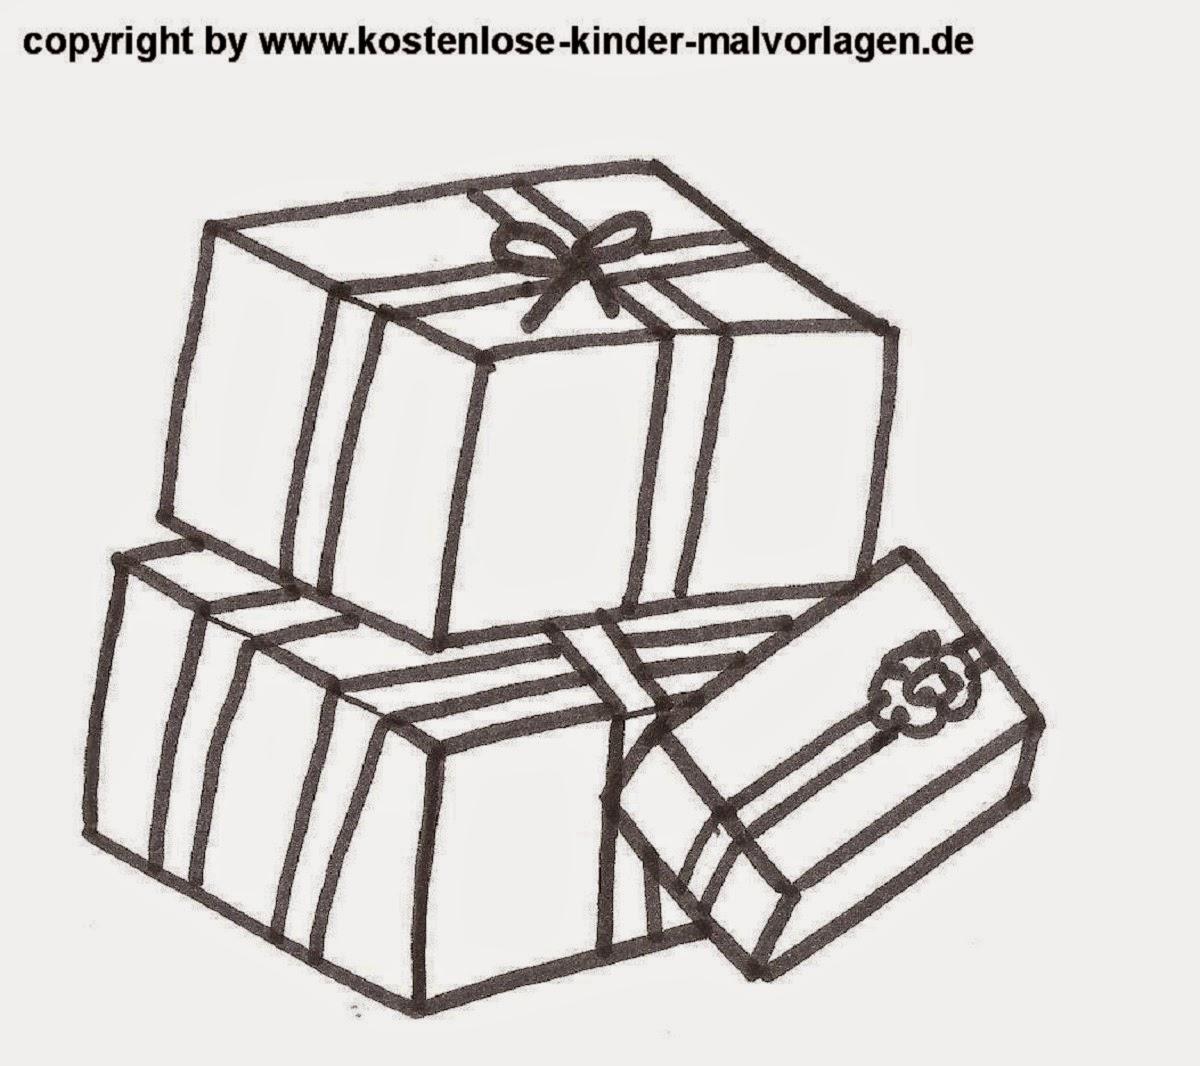 Ausmalbilder Weihnachten Malvorlagen gratis